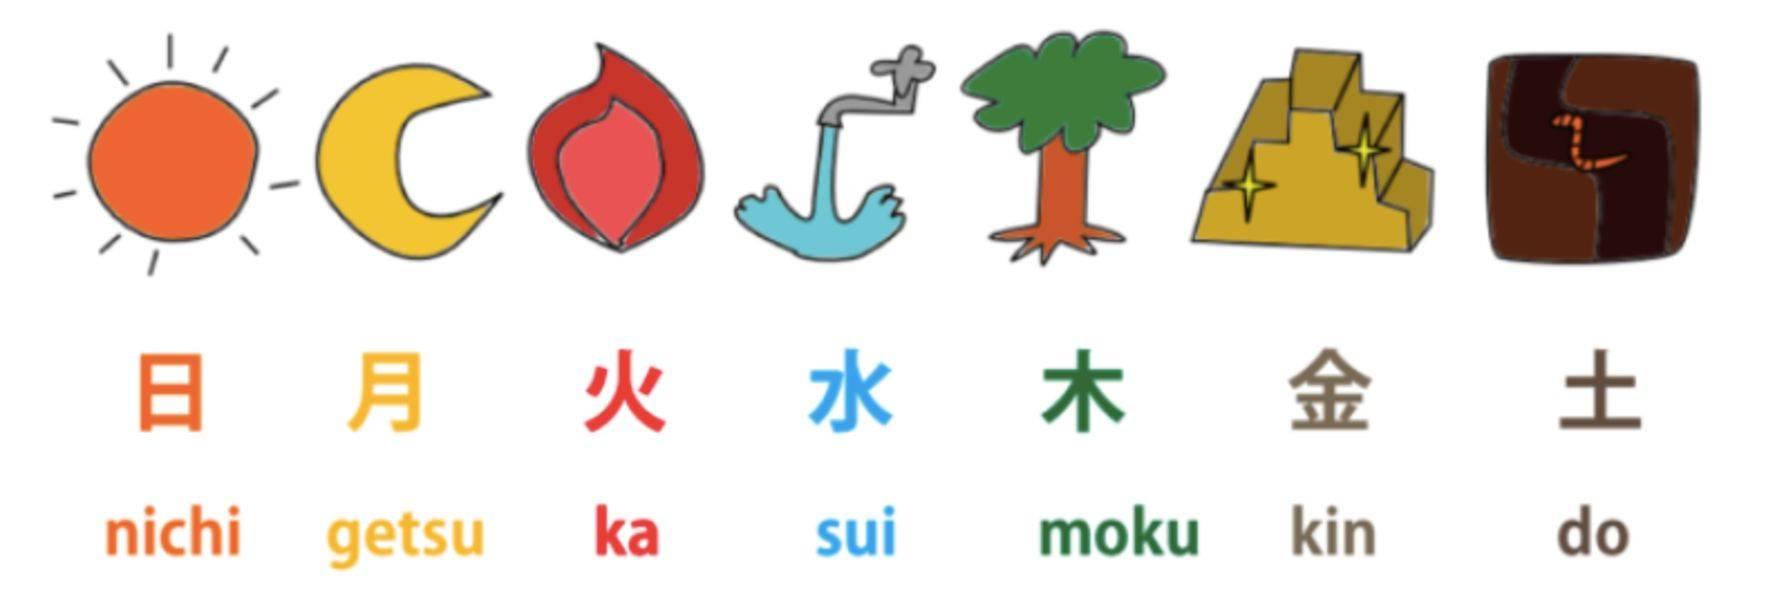 【言語の壁】日本で働く外国人の言語問題